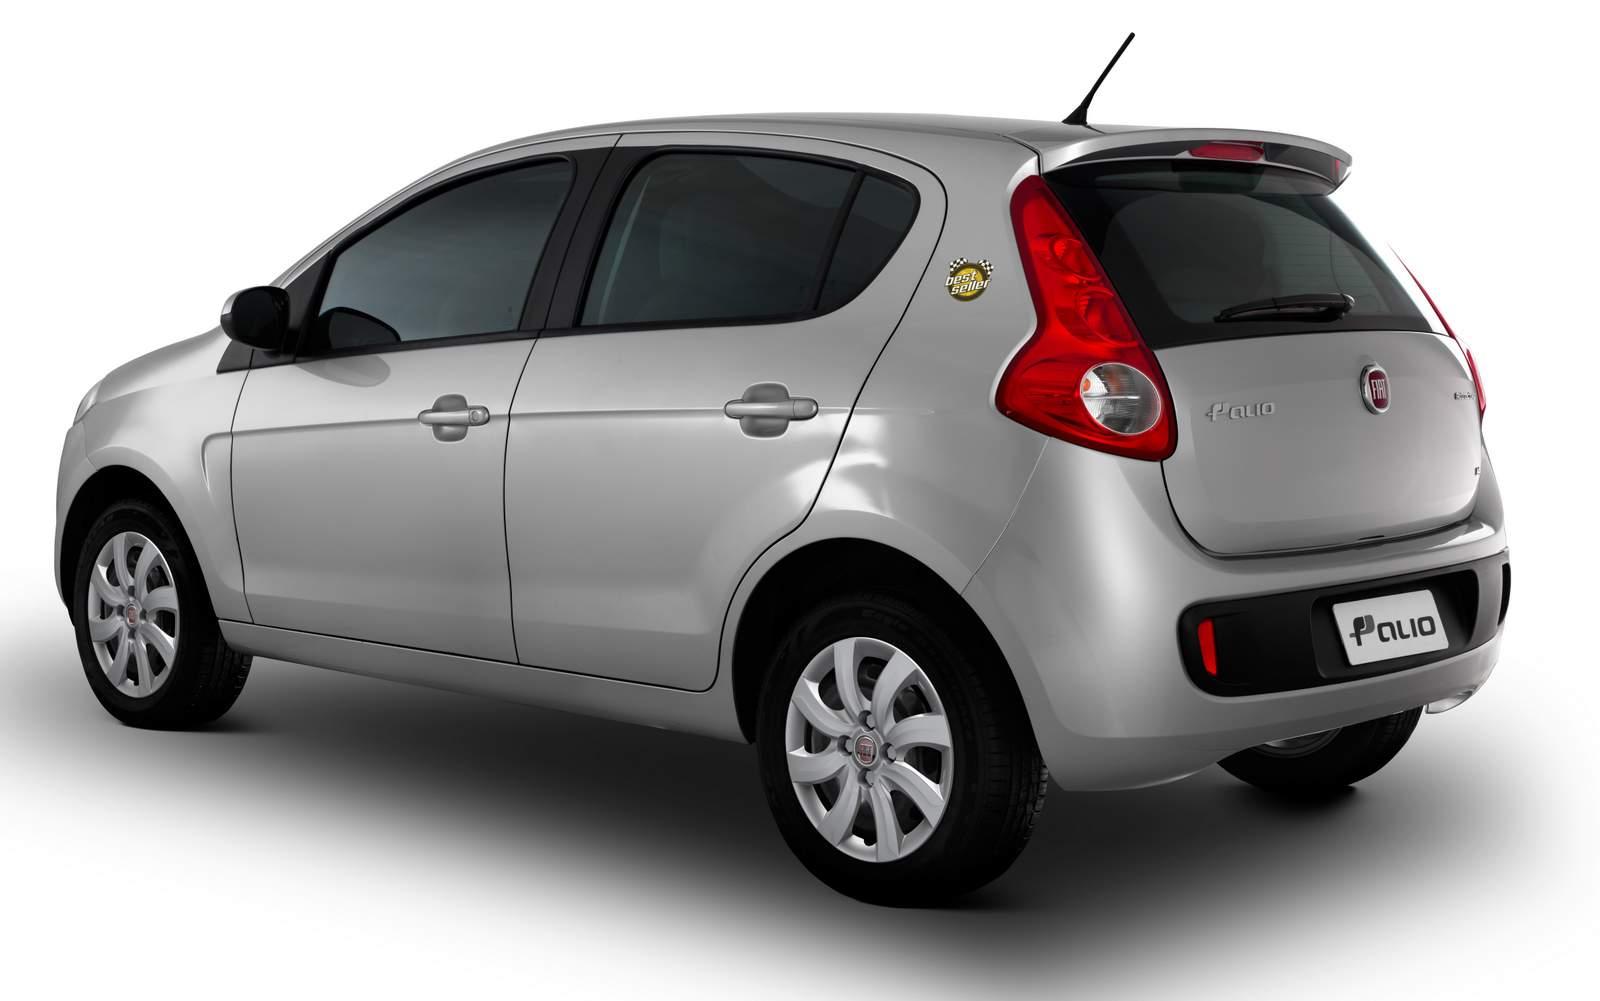 Fiat Palio 2015 Best Seller